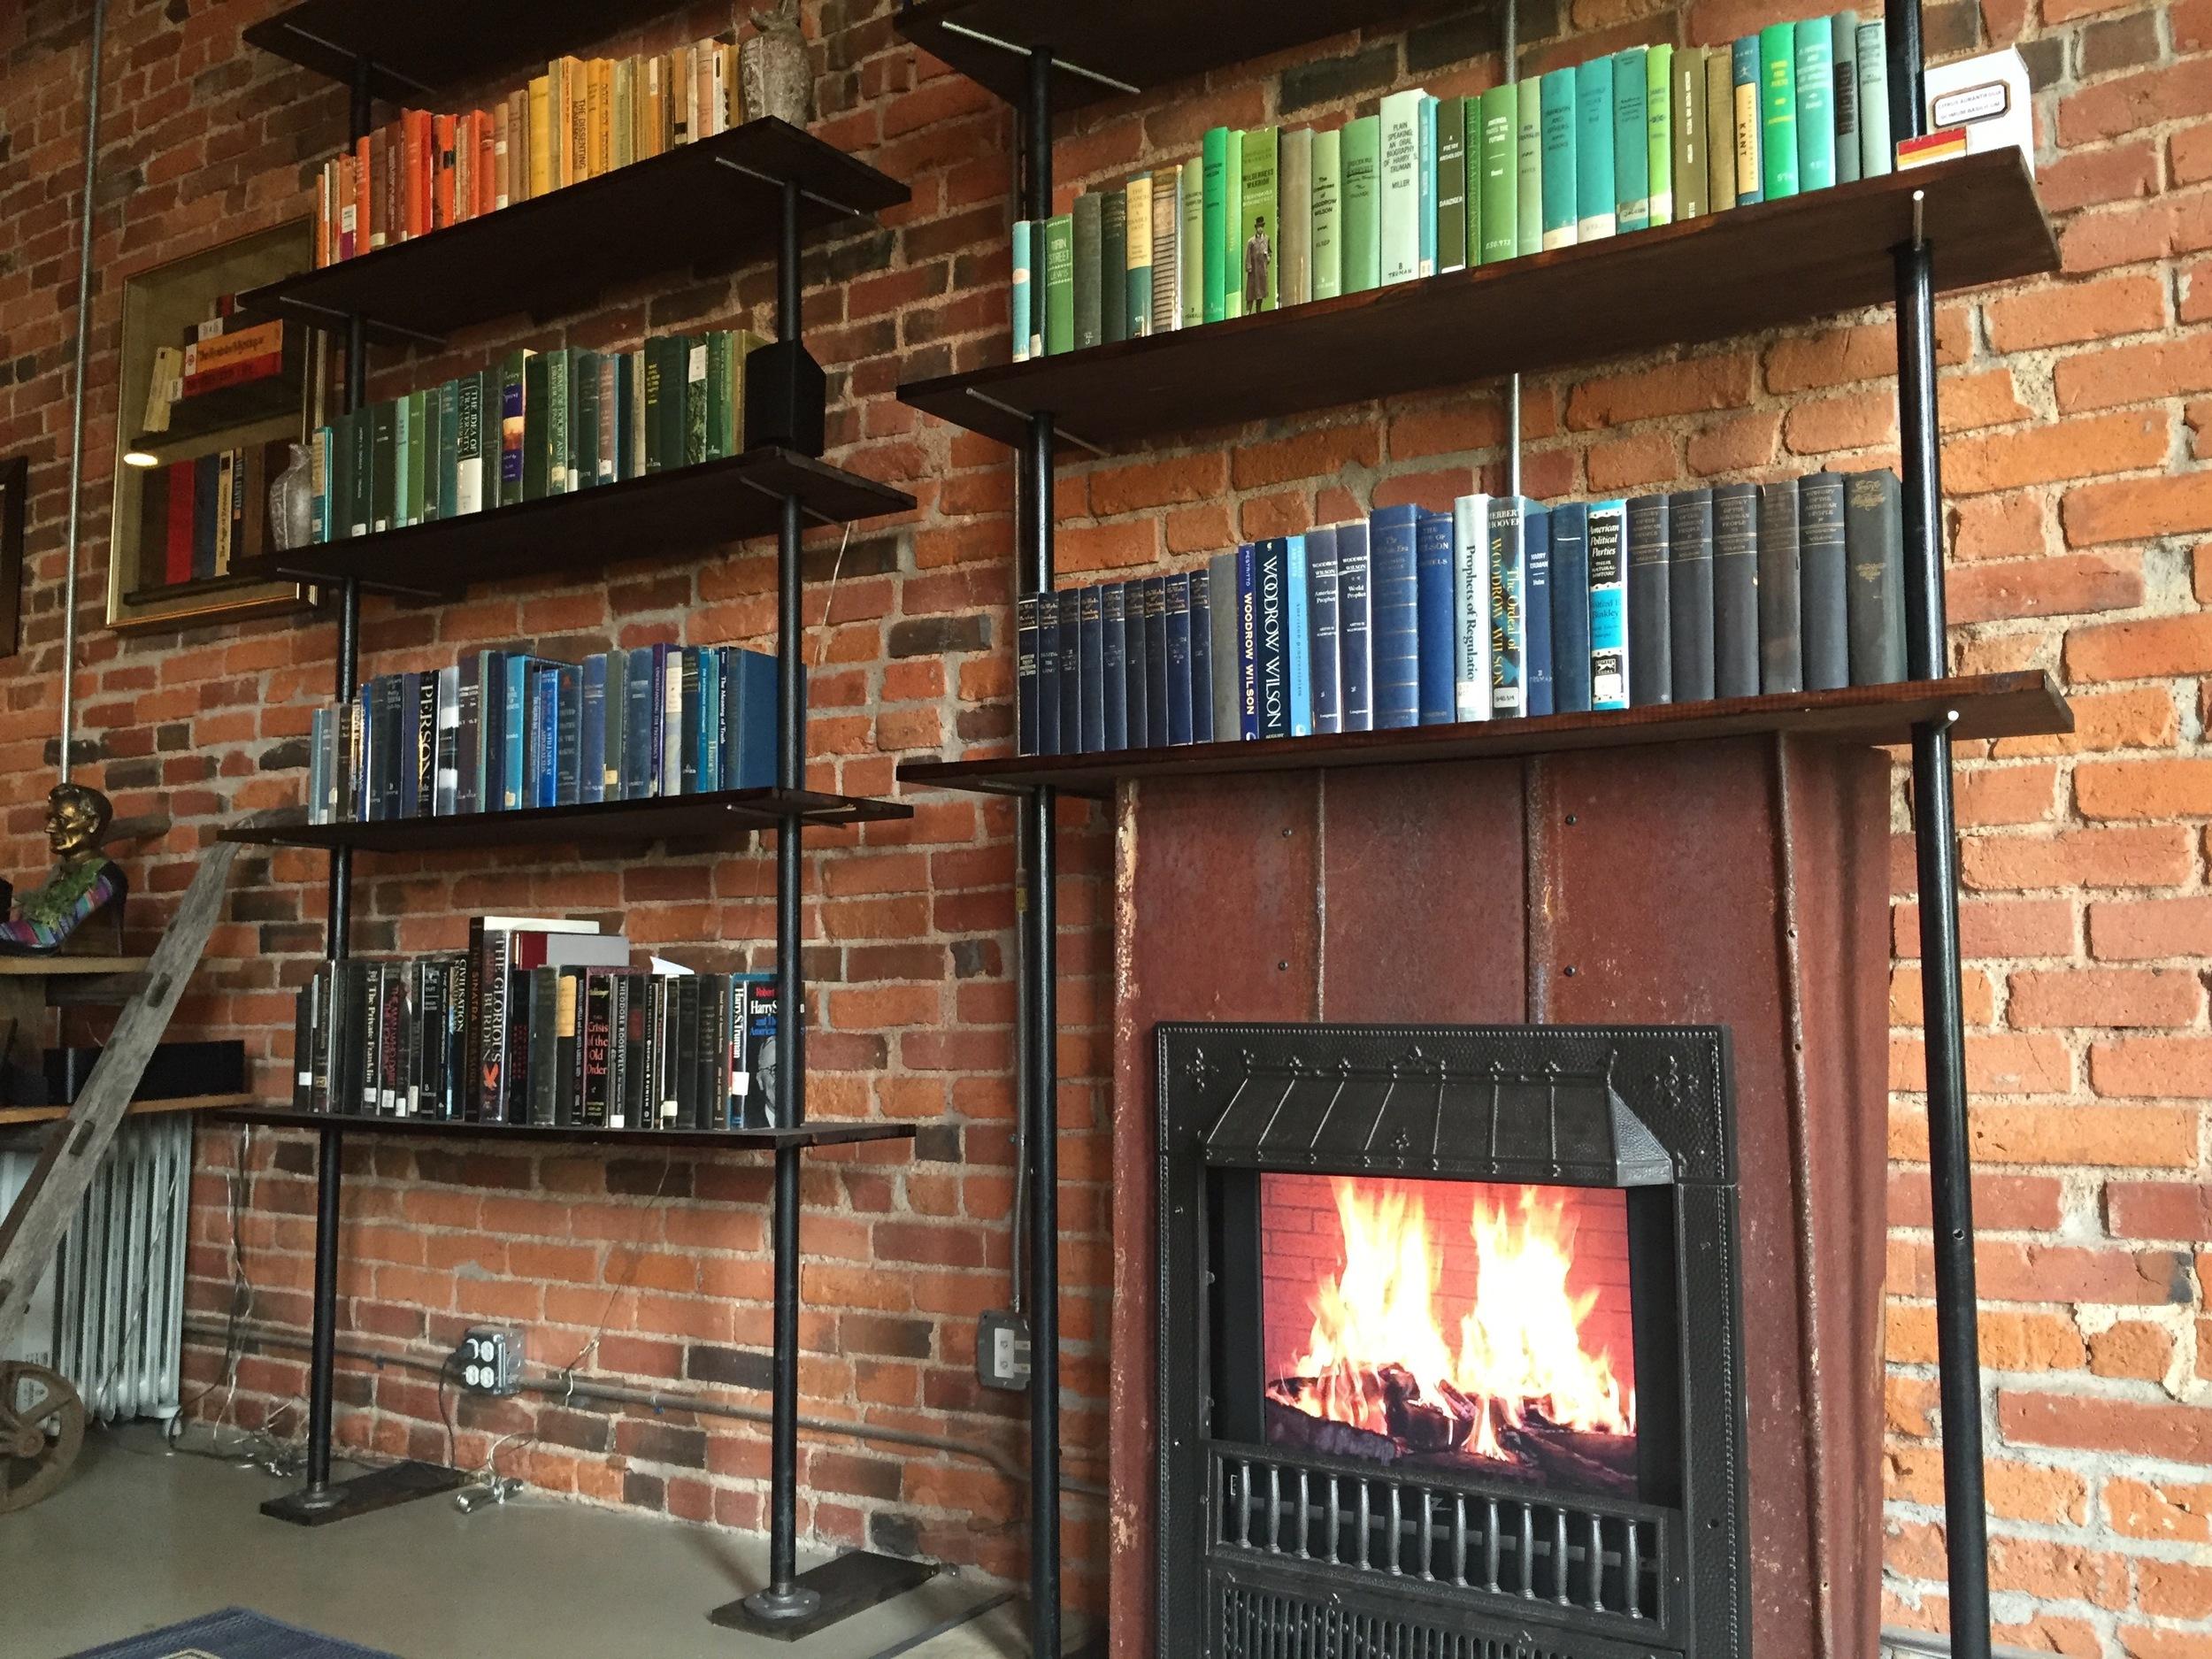 Nice bookshelf arrangement, Ben!